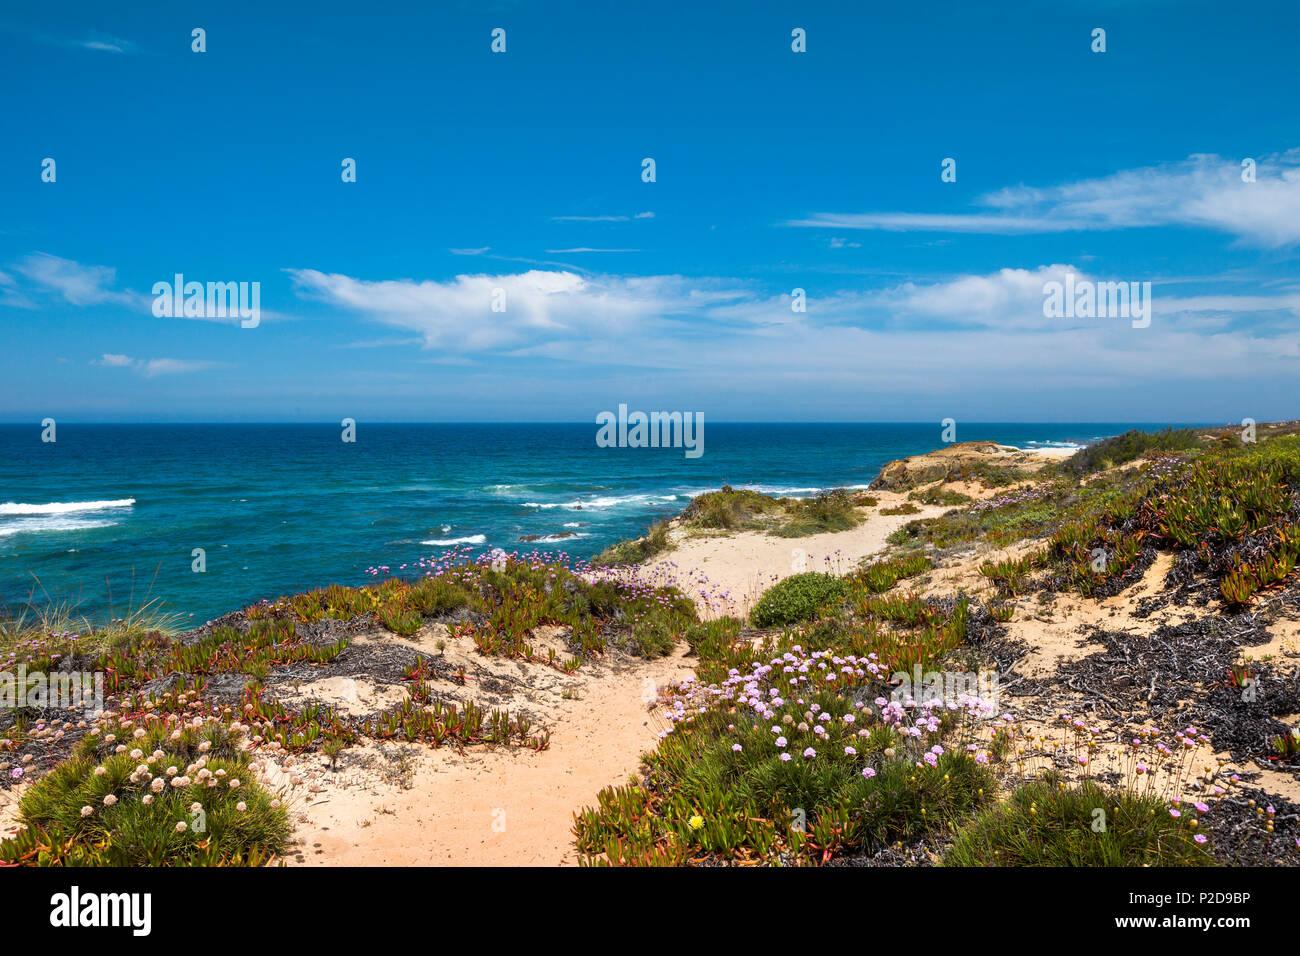 Littoral, Almograve, Costa Vicentina, Alentejo, Portugal Photo Stock